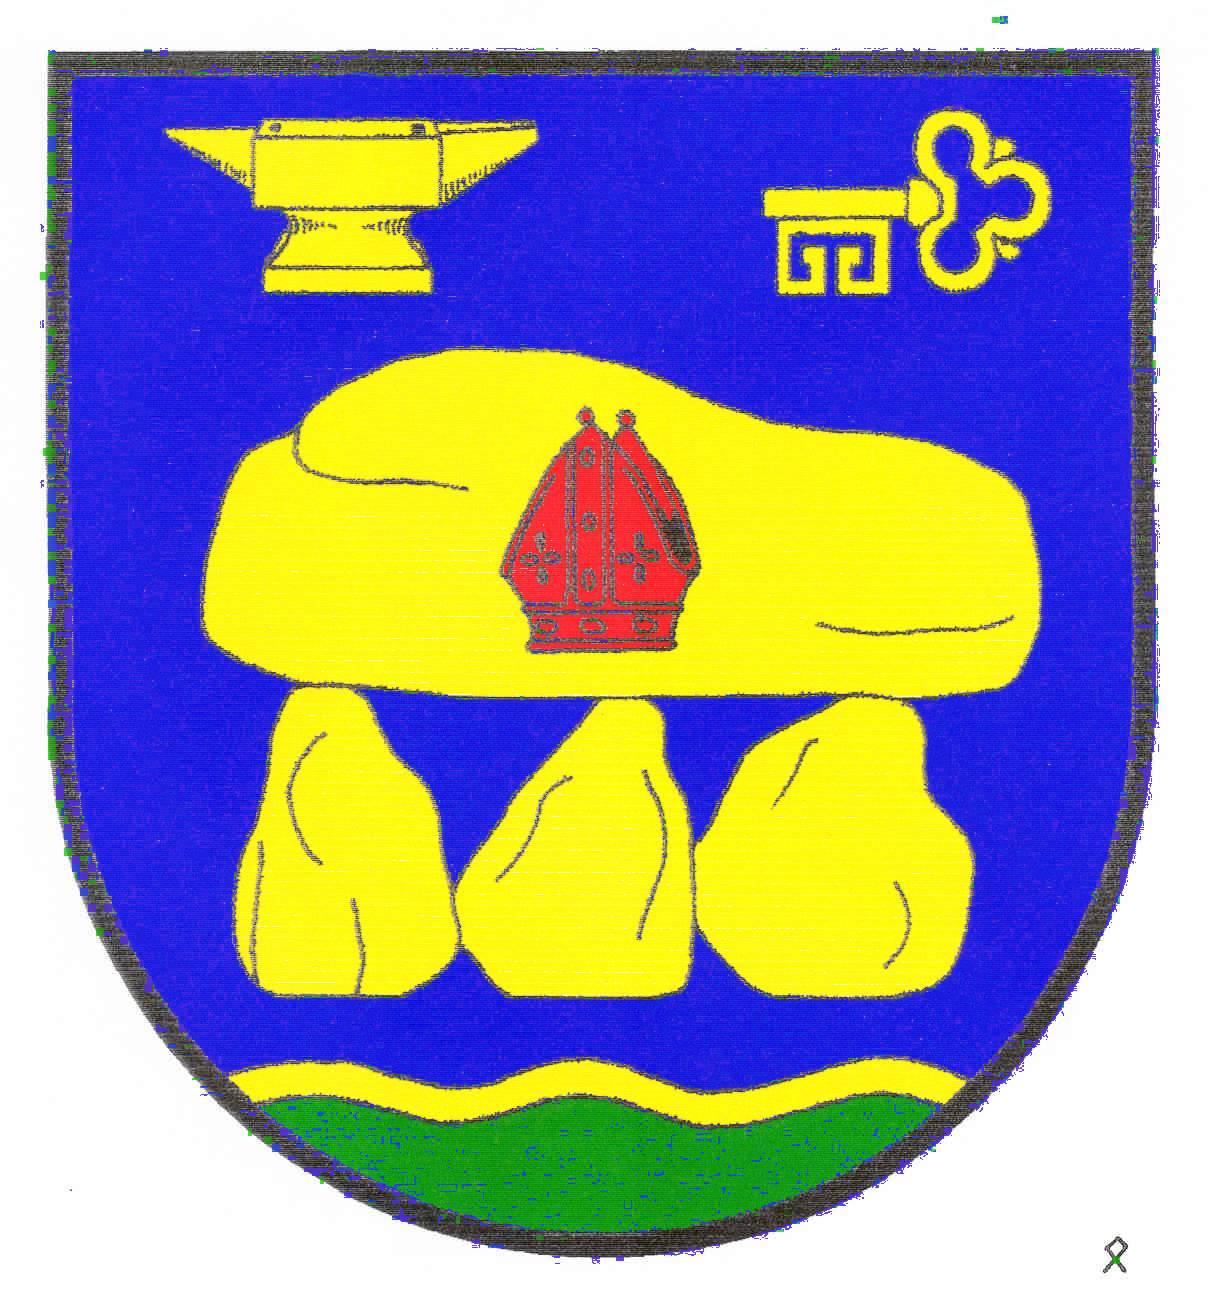 Wappen GemeindeSieverstedt, Kreis Schleswig-Flensburg